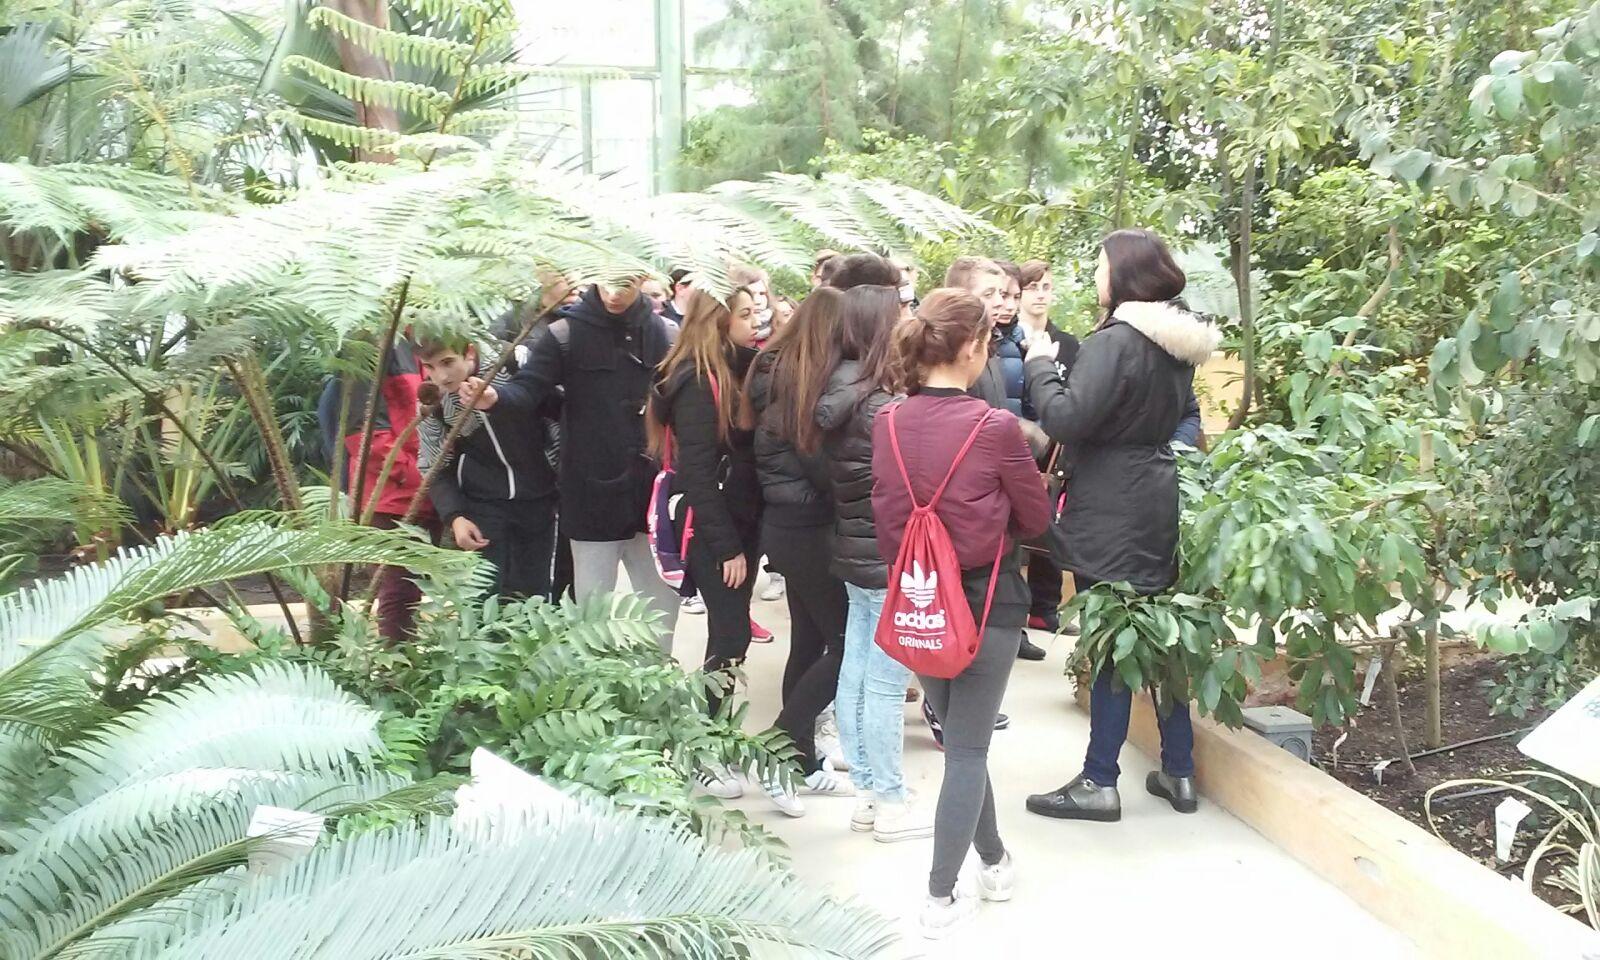 Visita al jard n bot nico de castilla la mancha 18 02 for Jardin botanico castilla la mancha